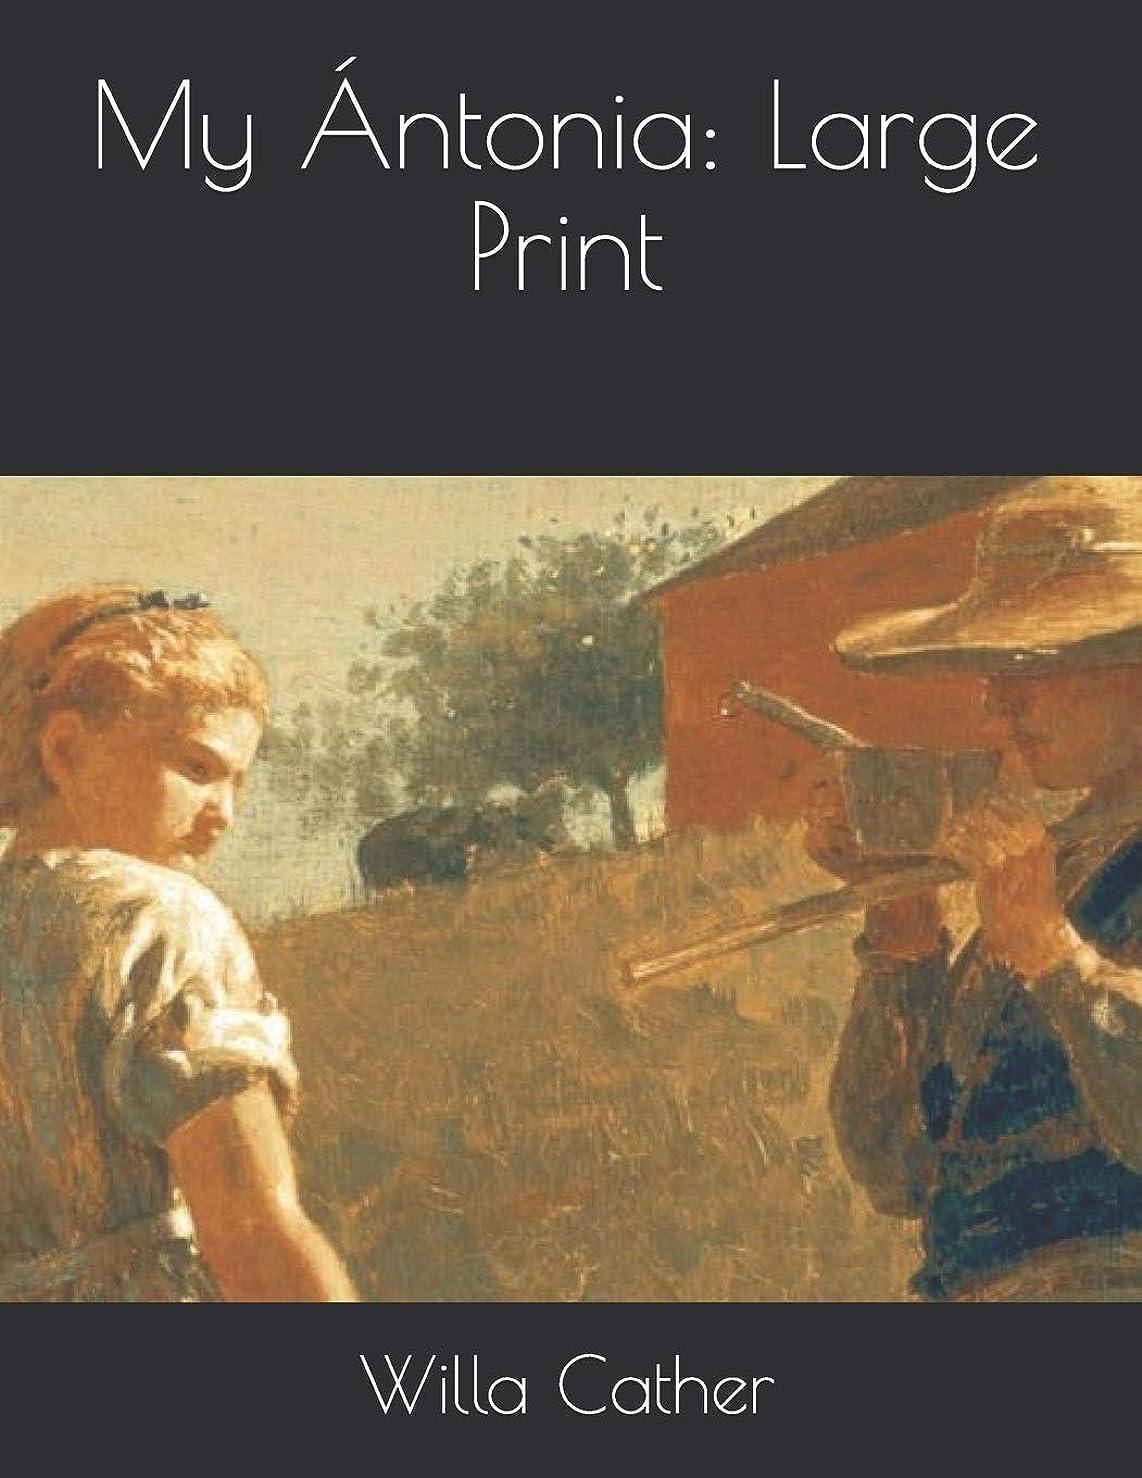 警告する考える応じるMy ántonia: Large Print